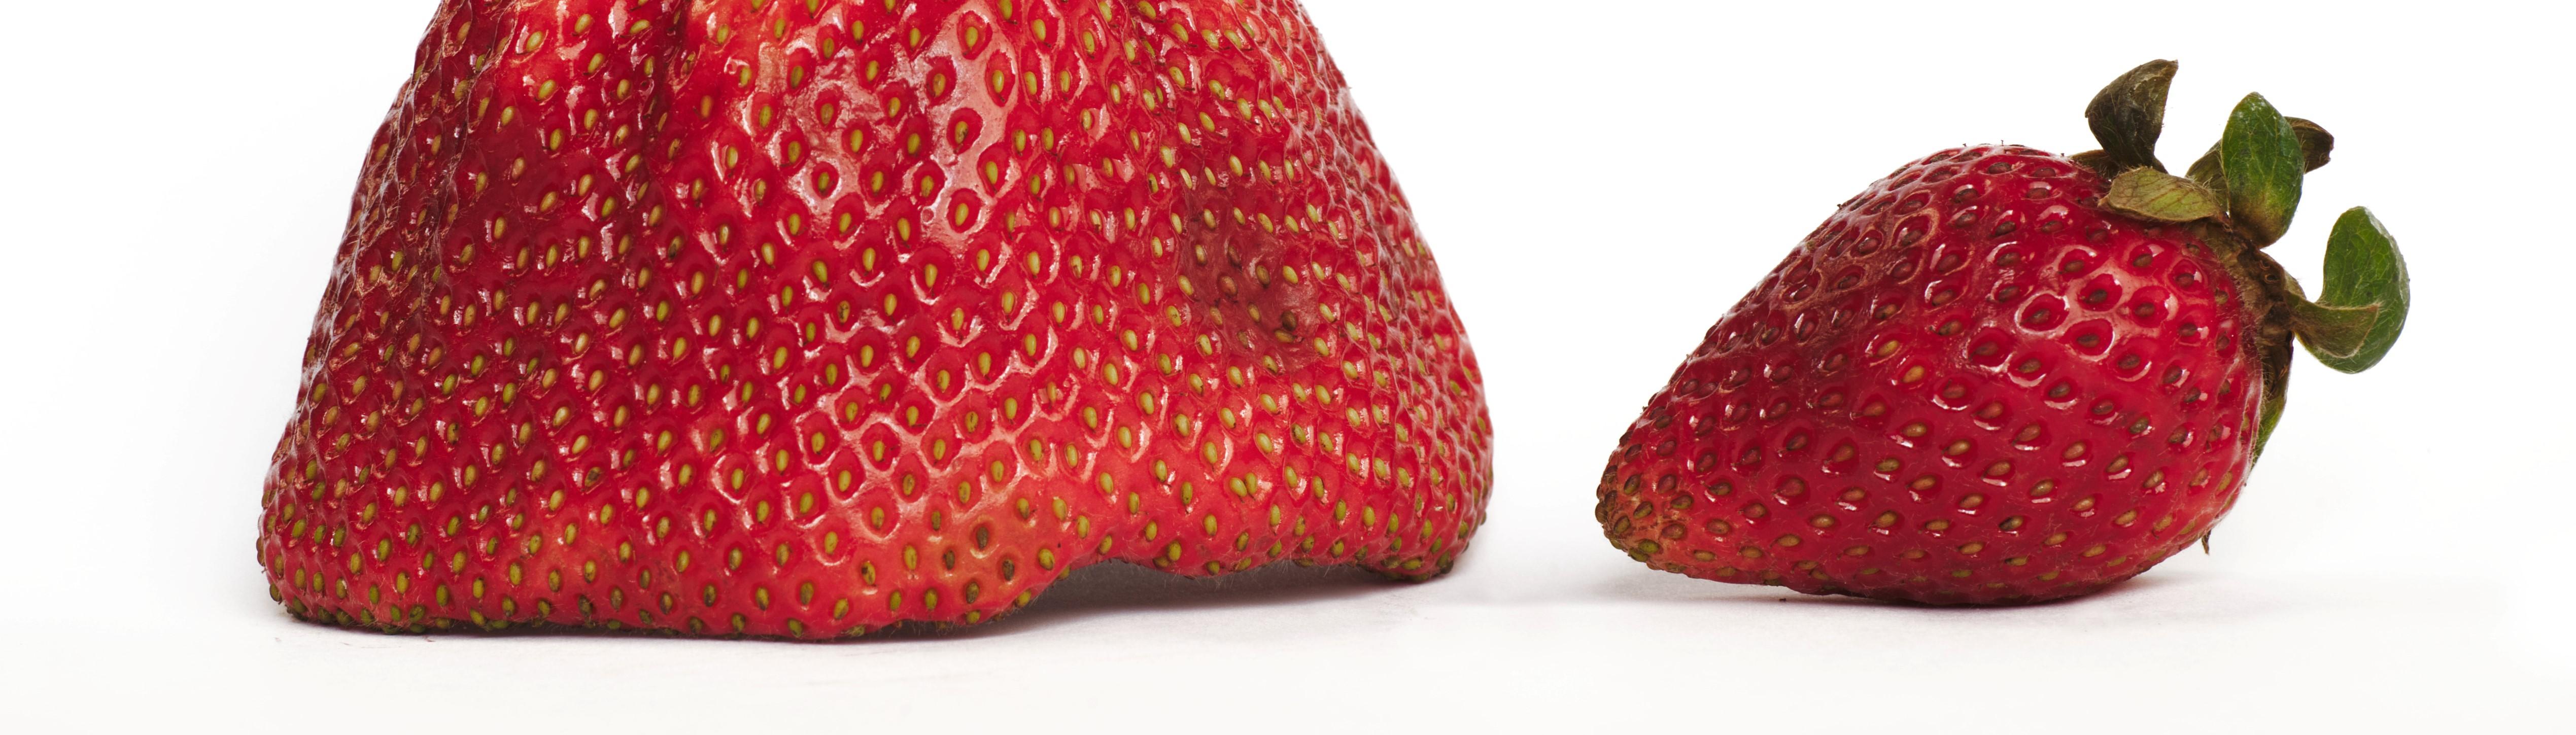 Grote en kleine aardbei